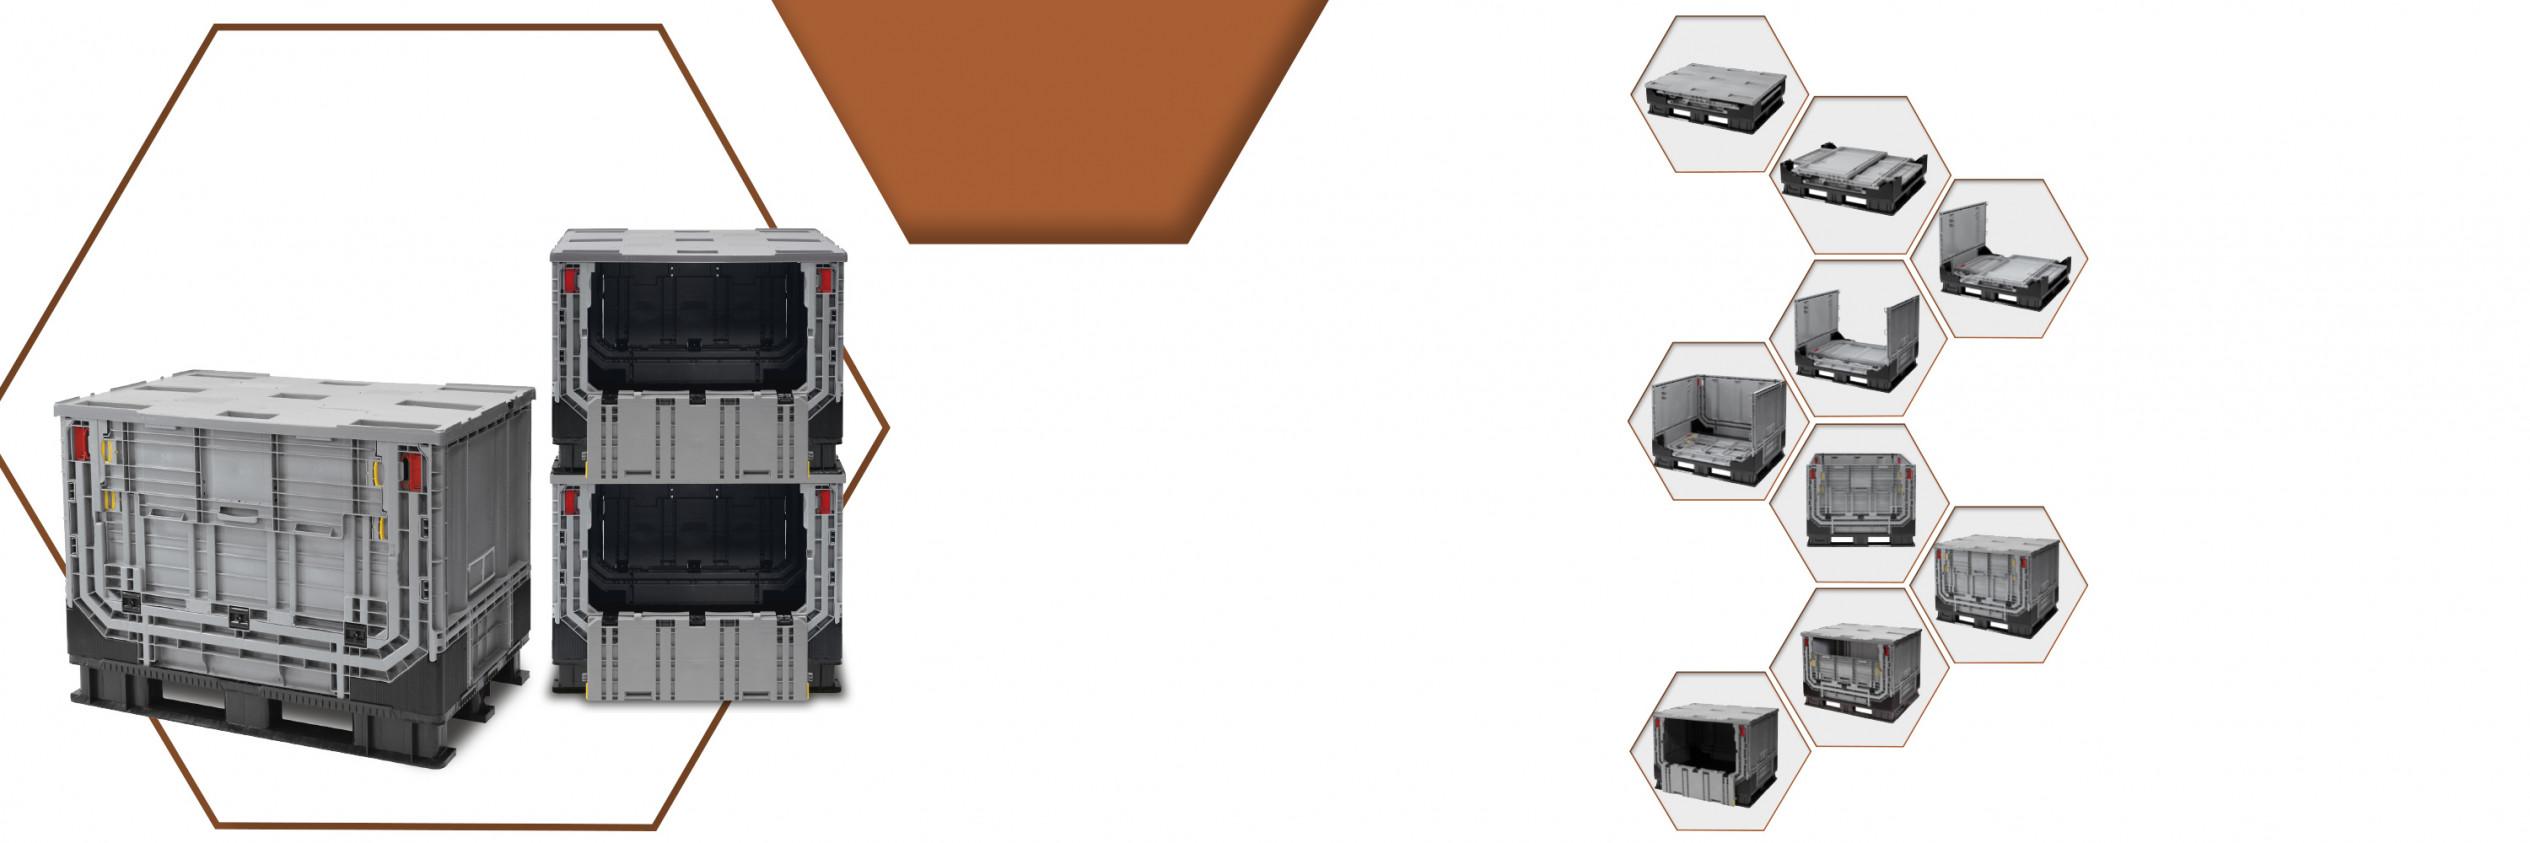 Smart_Palletbox_header.jpg